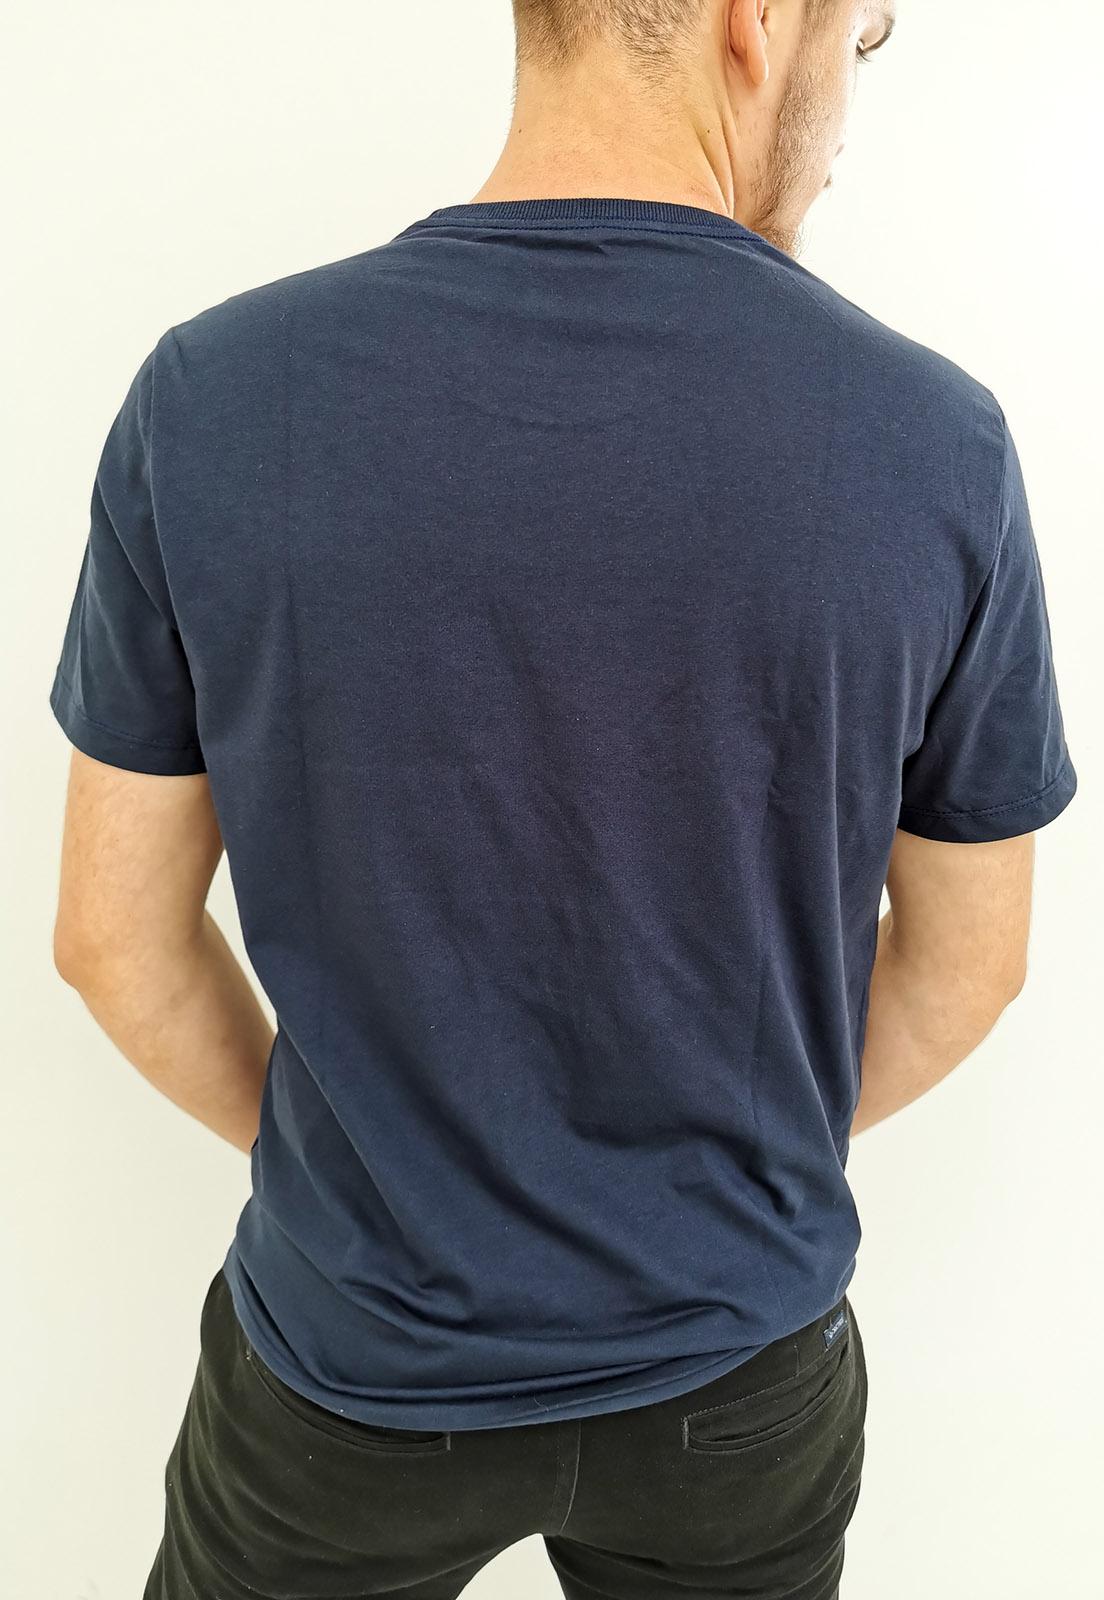 Camiseta Arandom Azul Marinho Noite Básica